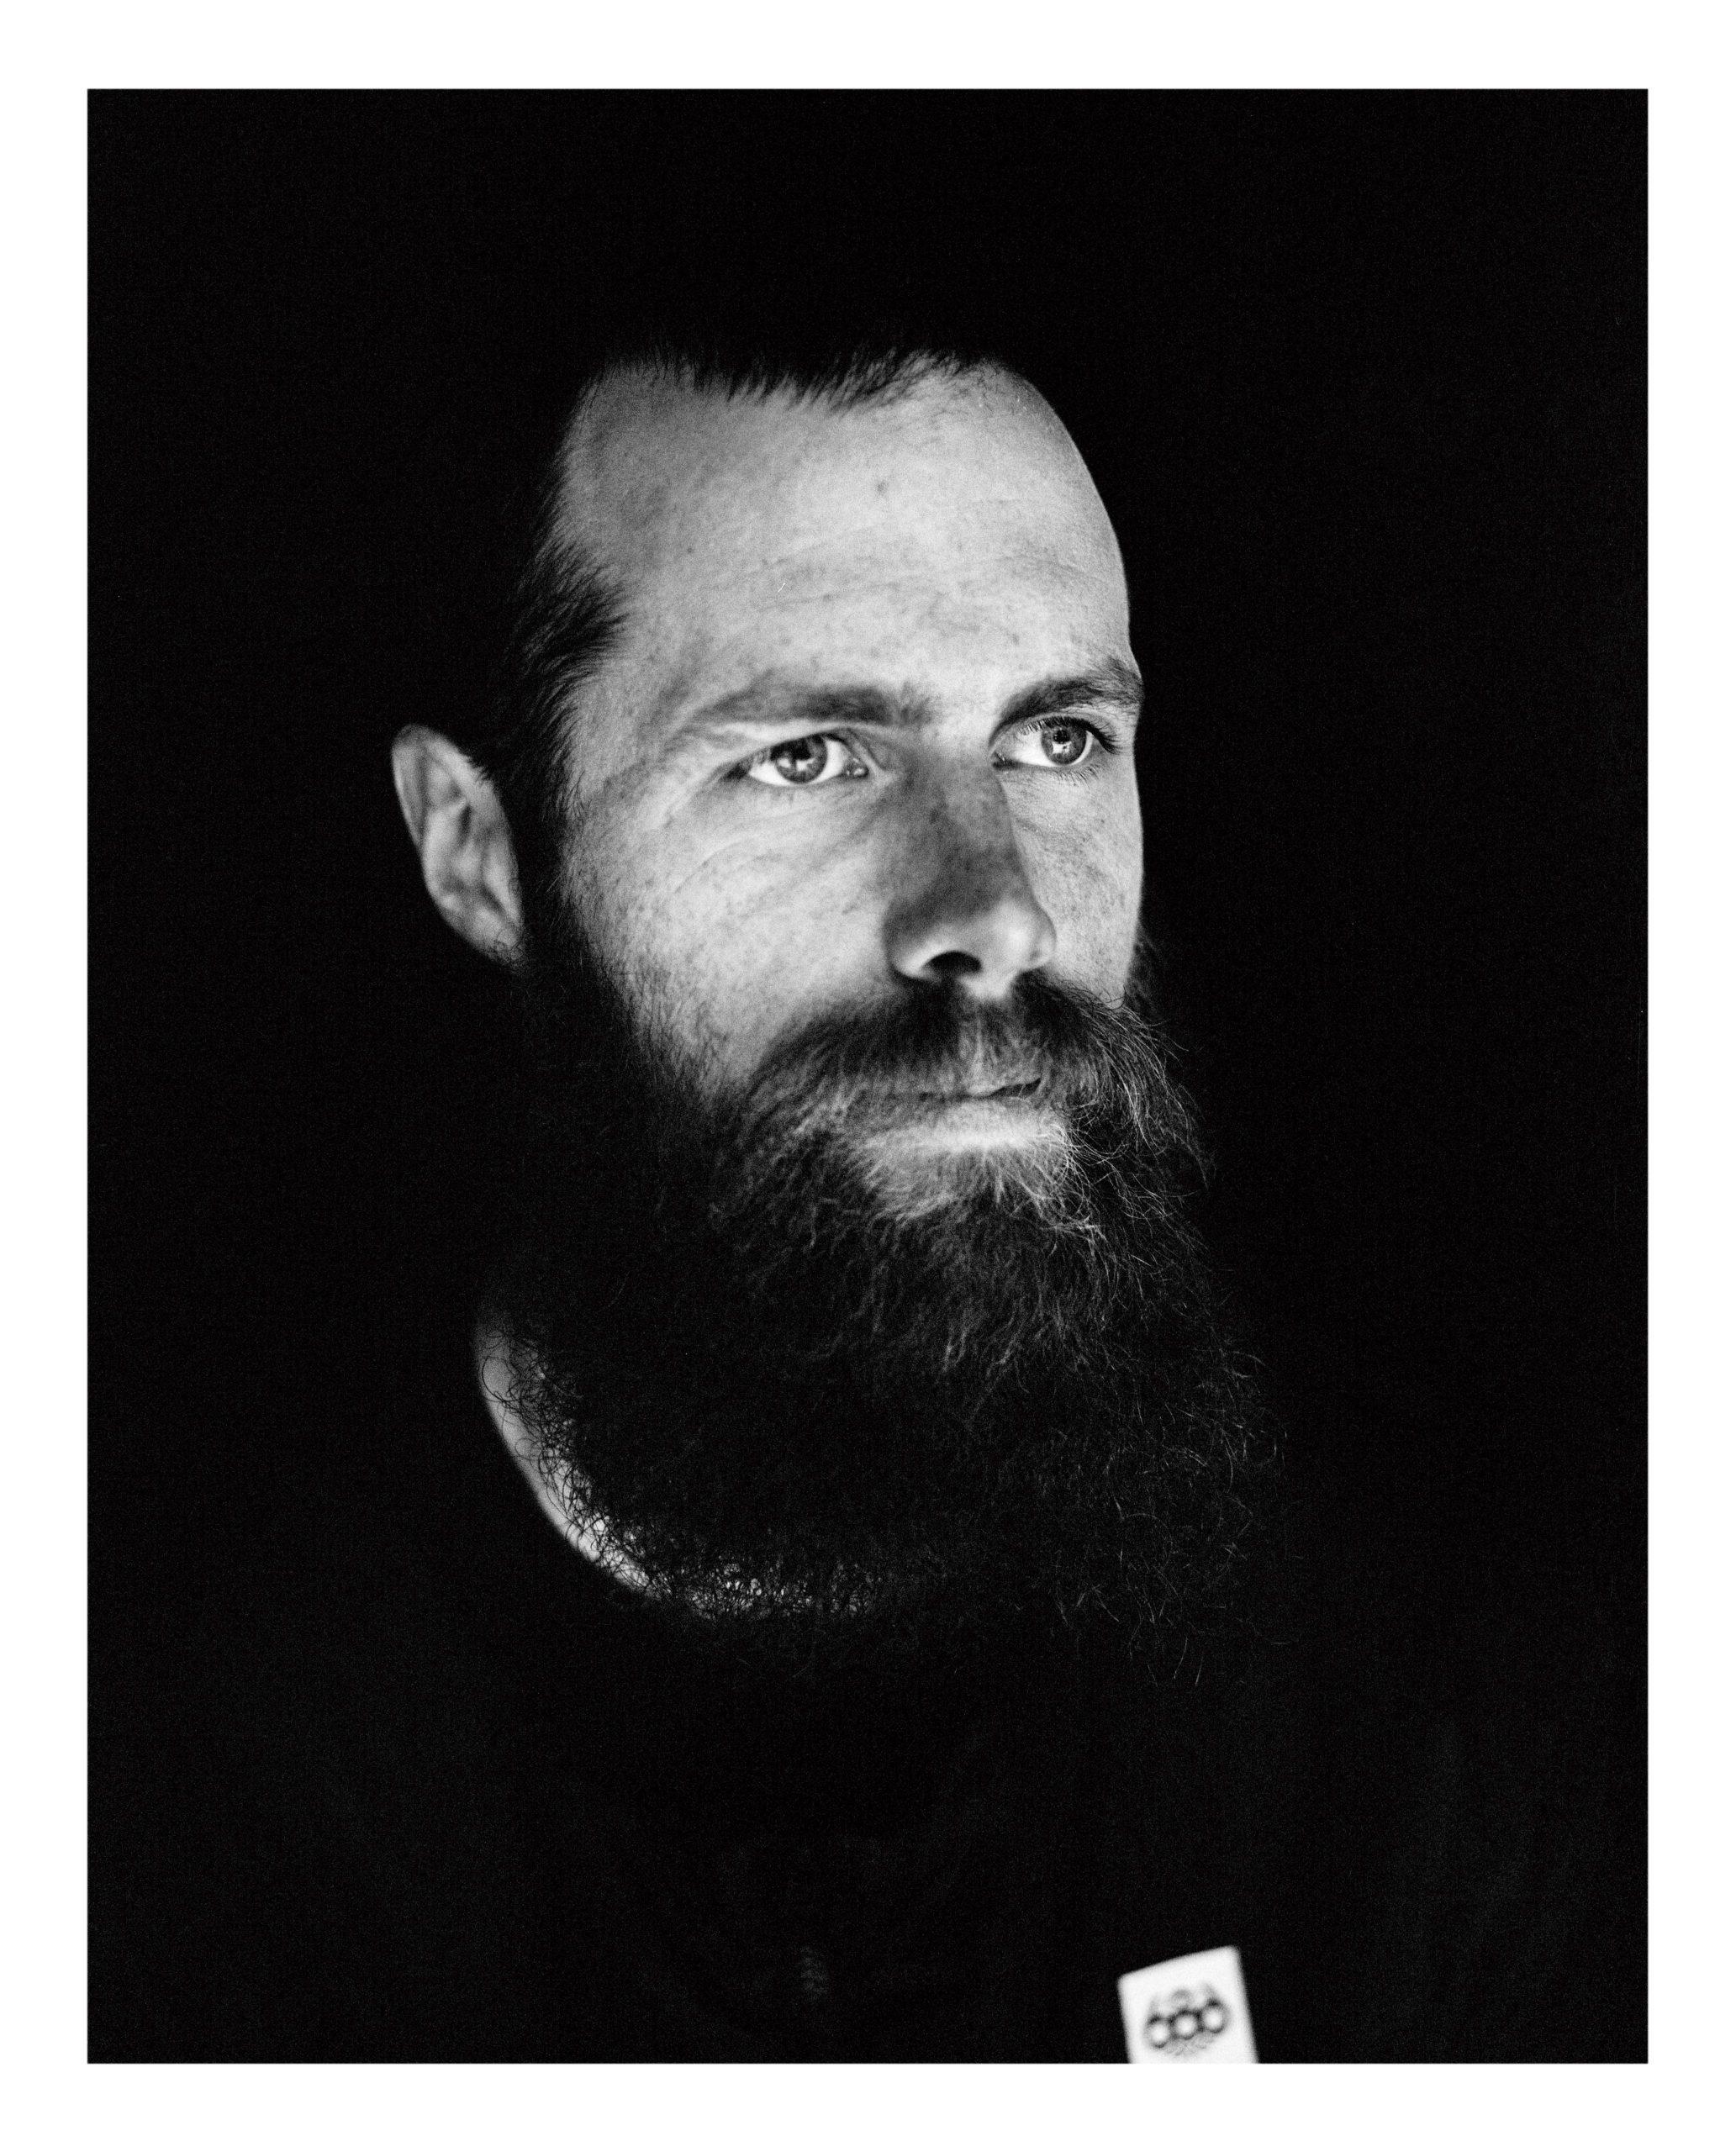 Phil Jacques snowboarder portrait